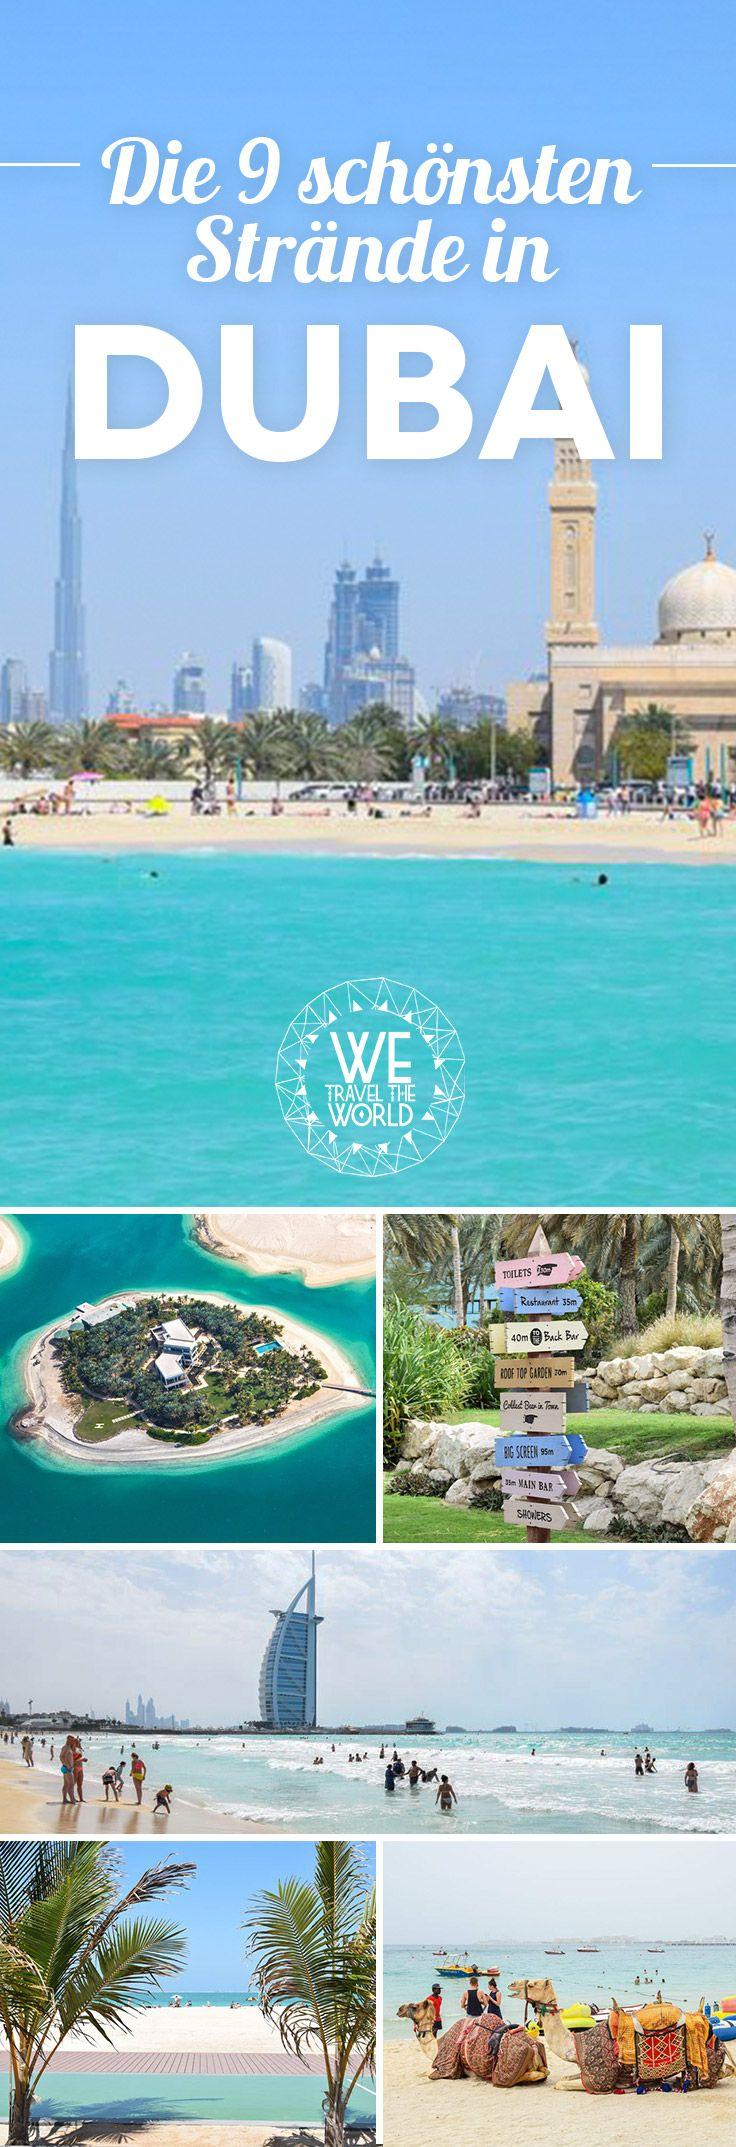 Dubai Tipps: Die schönsten Strände in Dubai, die du auf deiner Dubai Reise besichtigen solltest.